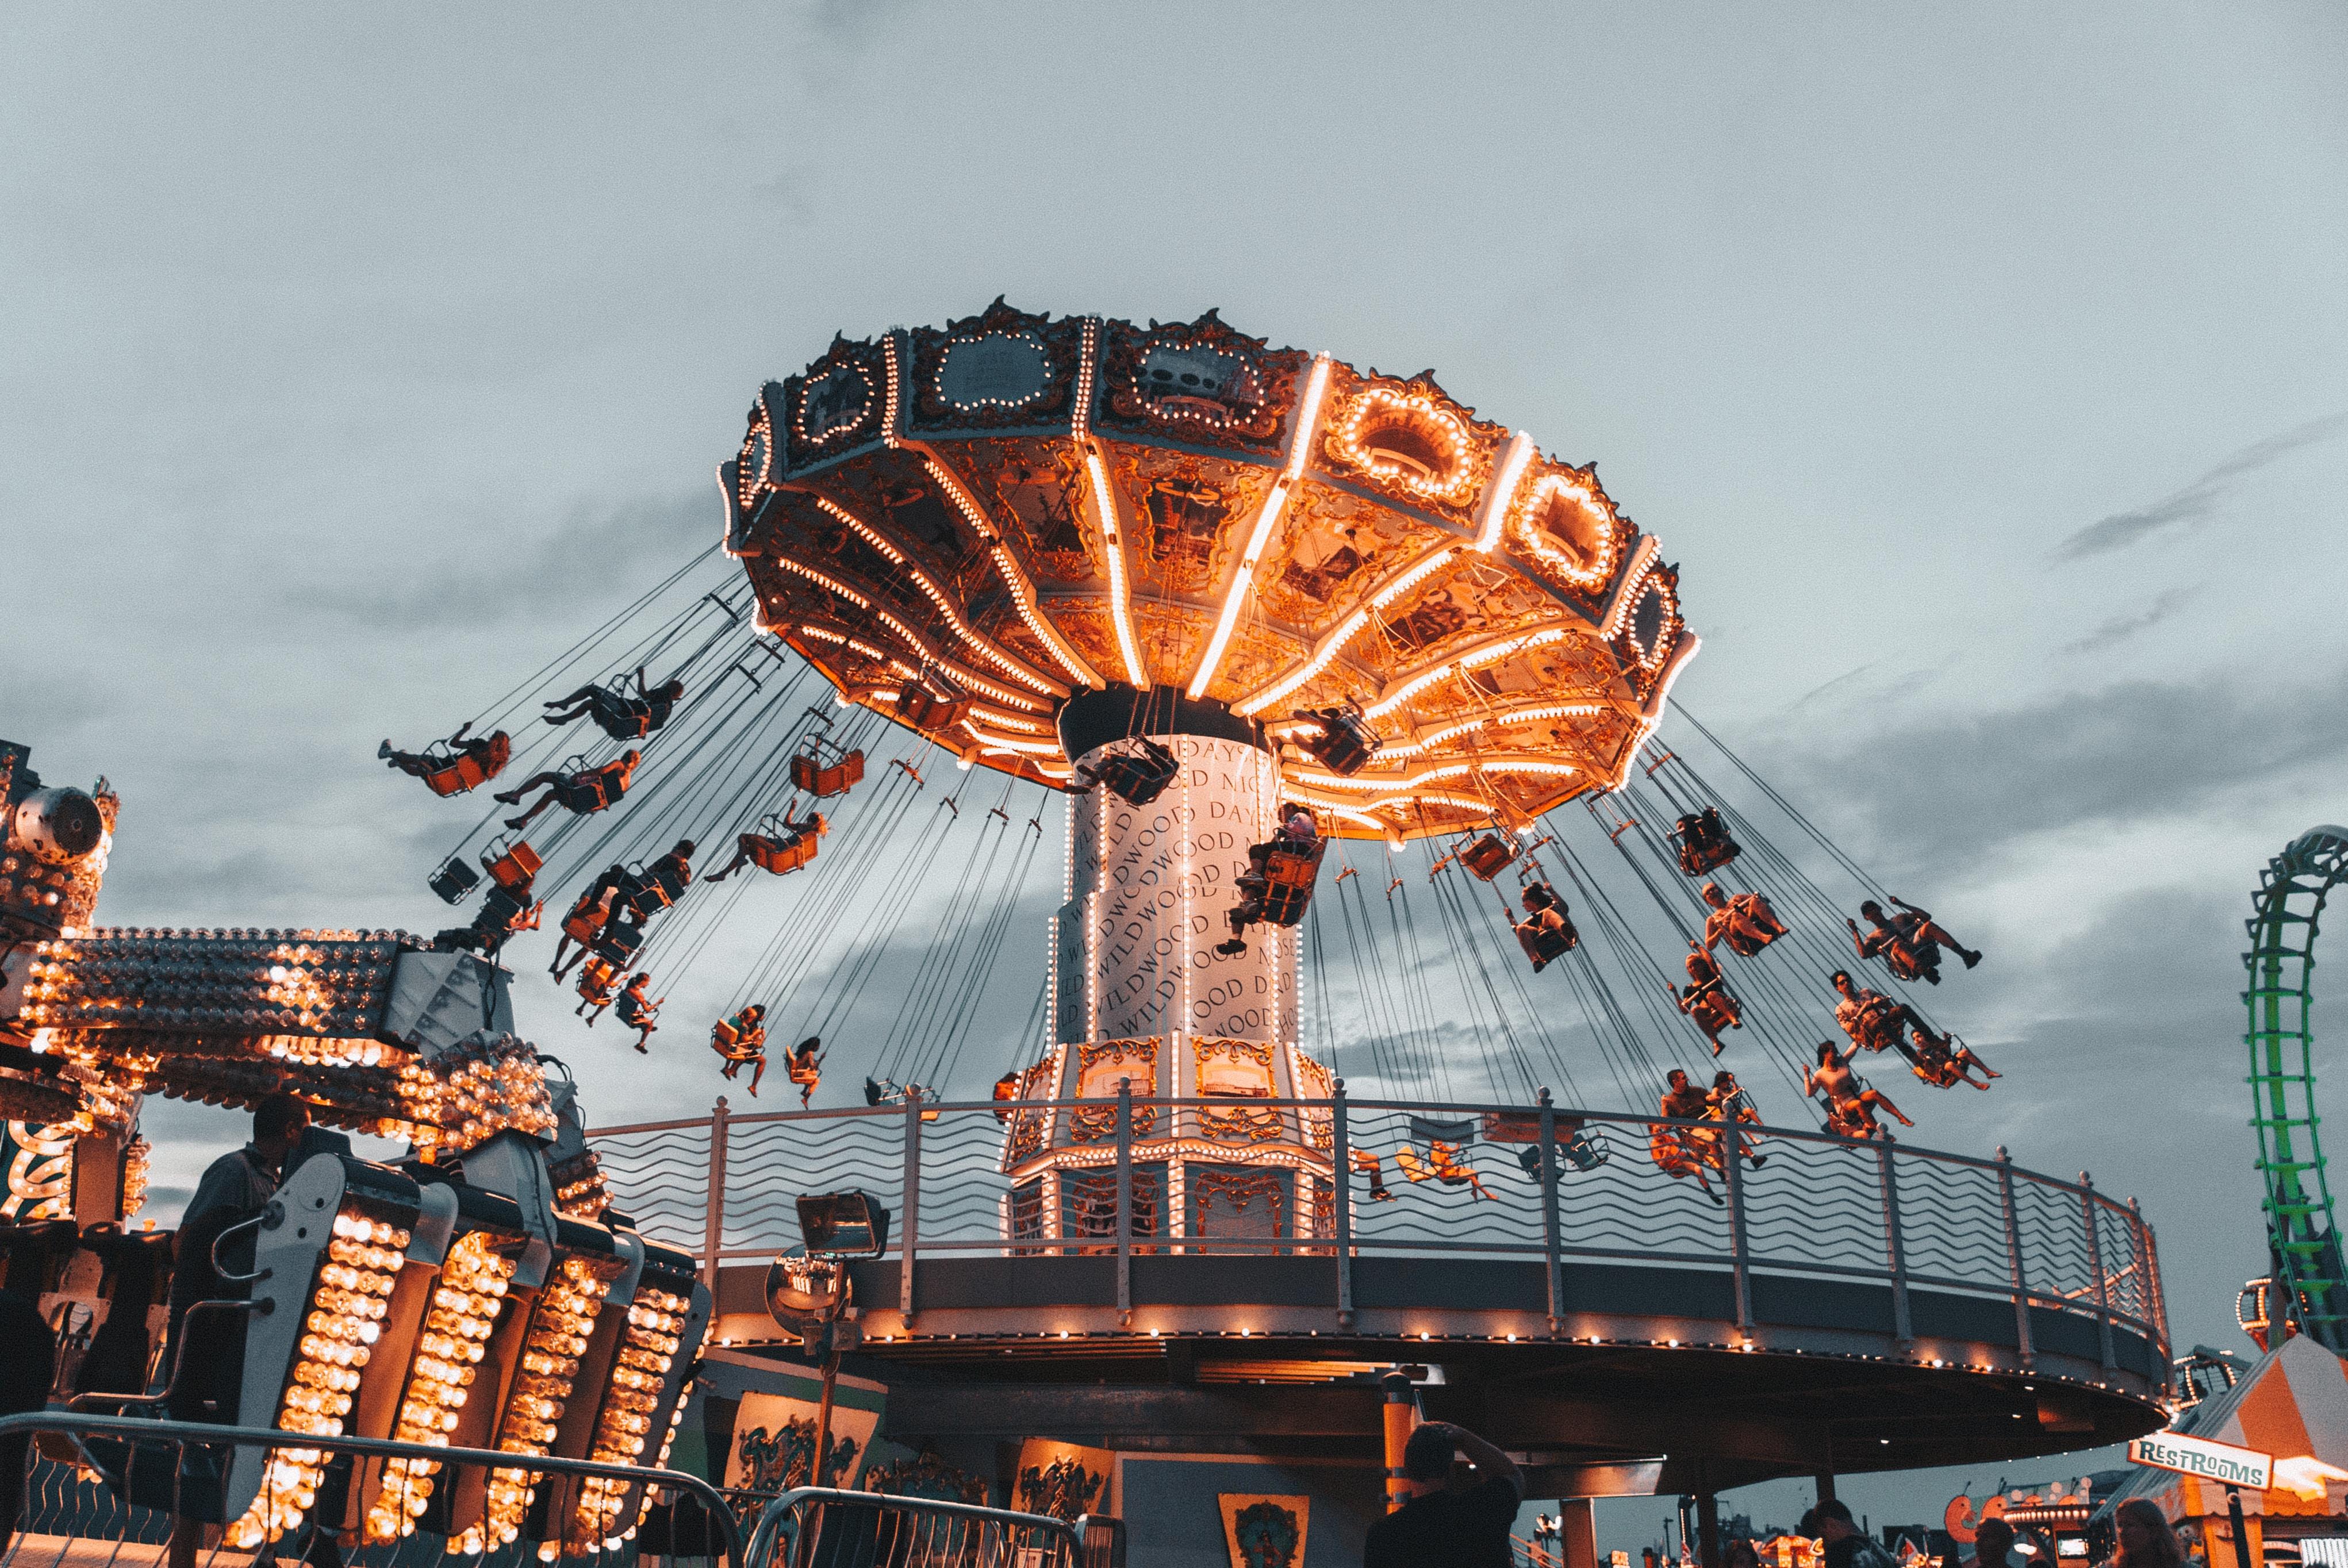 people riding amusement park ride